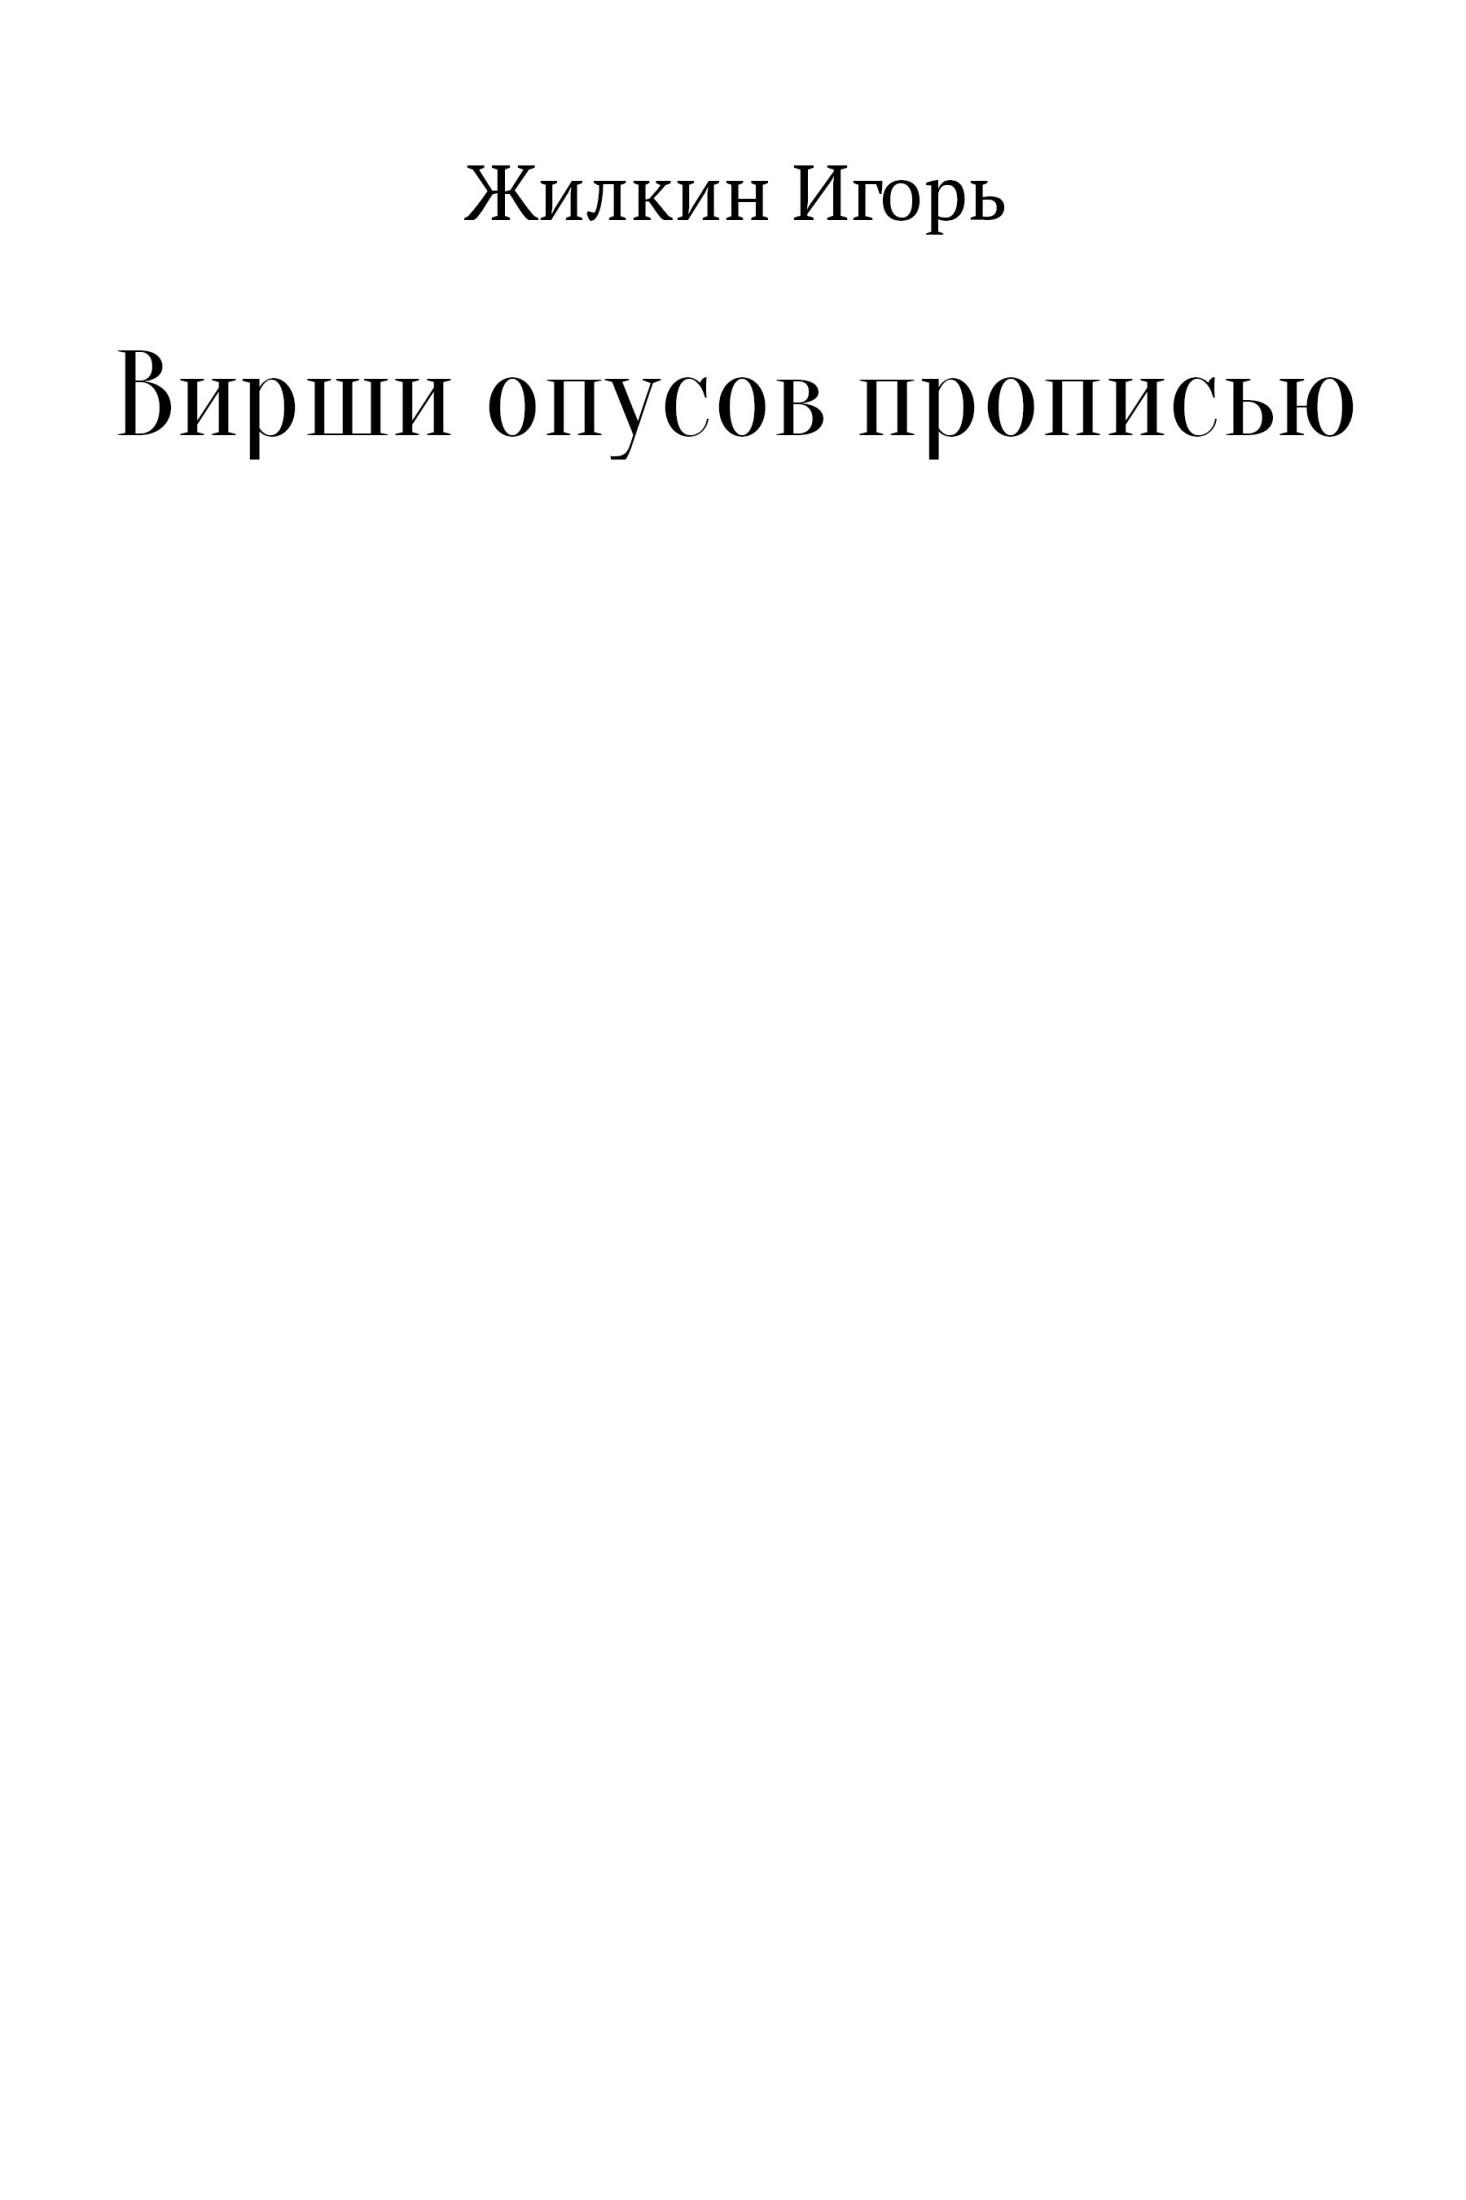 Игорь Валерьевич Жилкин Вирши опусов прописью. Сборник стихотворений анна габамик ничего личного сборник